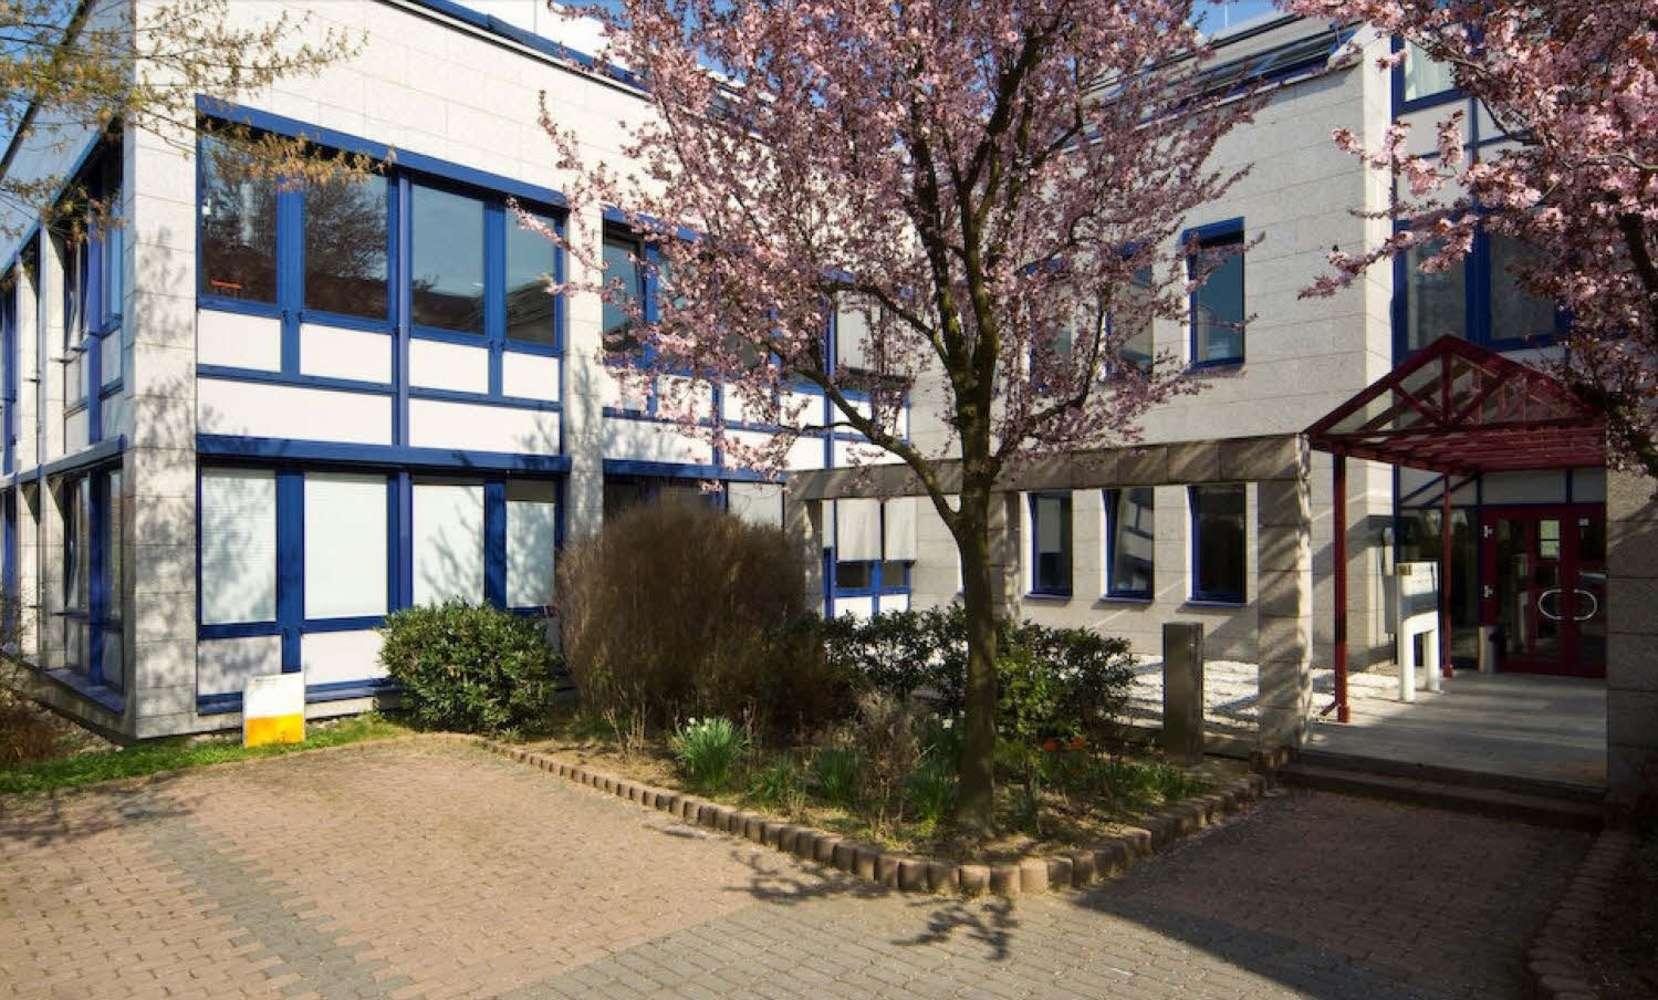 Büros Bad homburg, 61352 - Büro - Bad Homburg, Ober-Eschbach - F2150 - 9412248